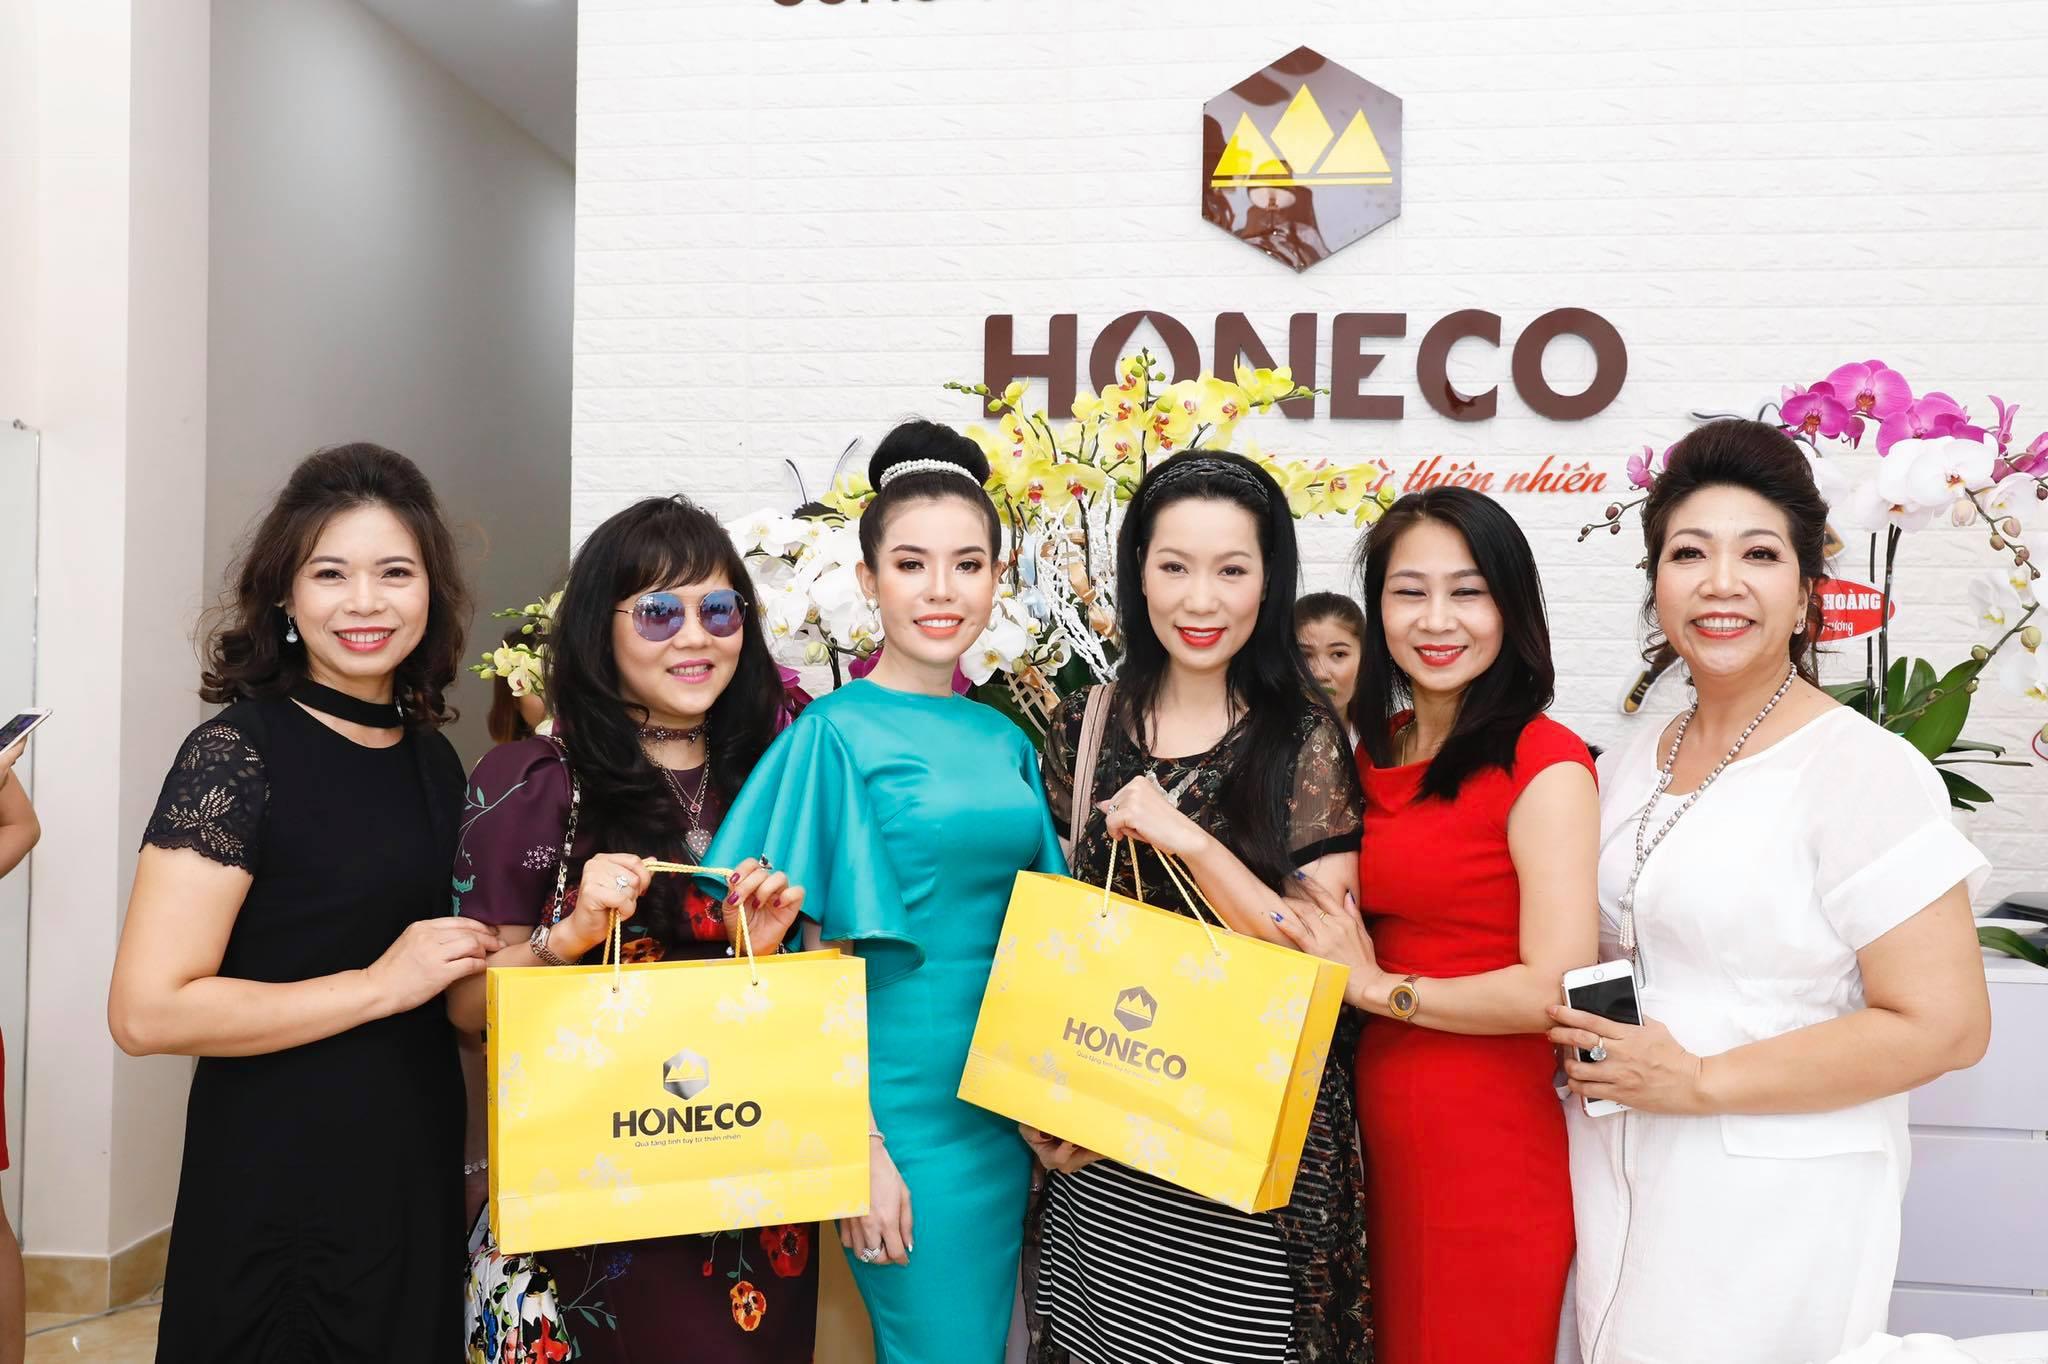 Hộp quà tết Honeco – Sự lựa chọn hoàn hảo cho ngày Tết thêm ý nghĩa - Ảnh 4